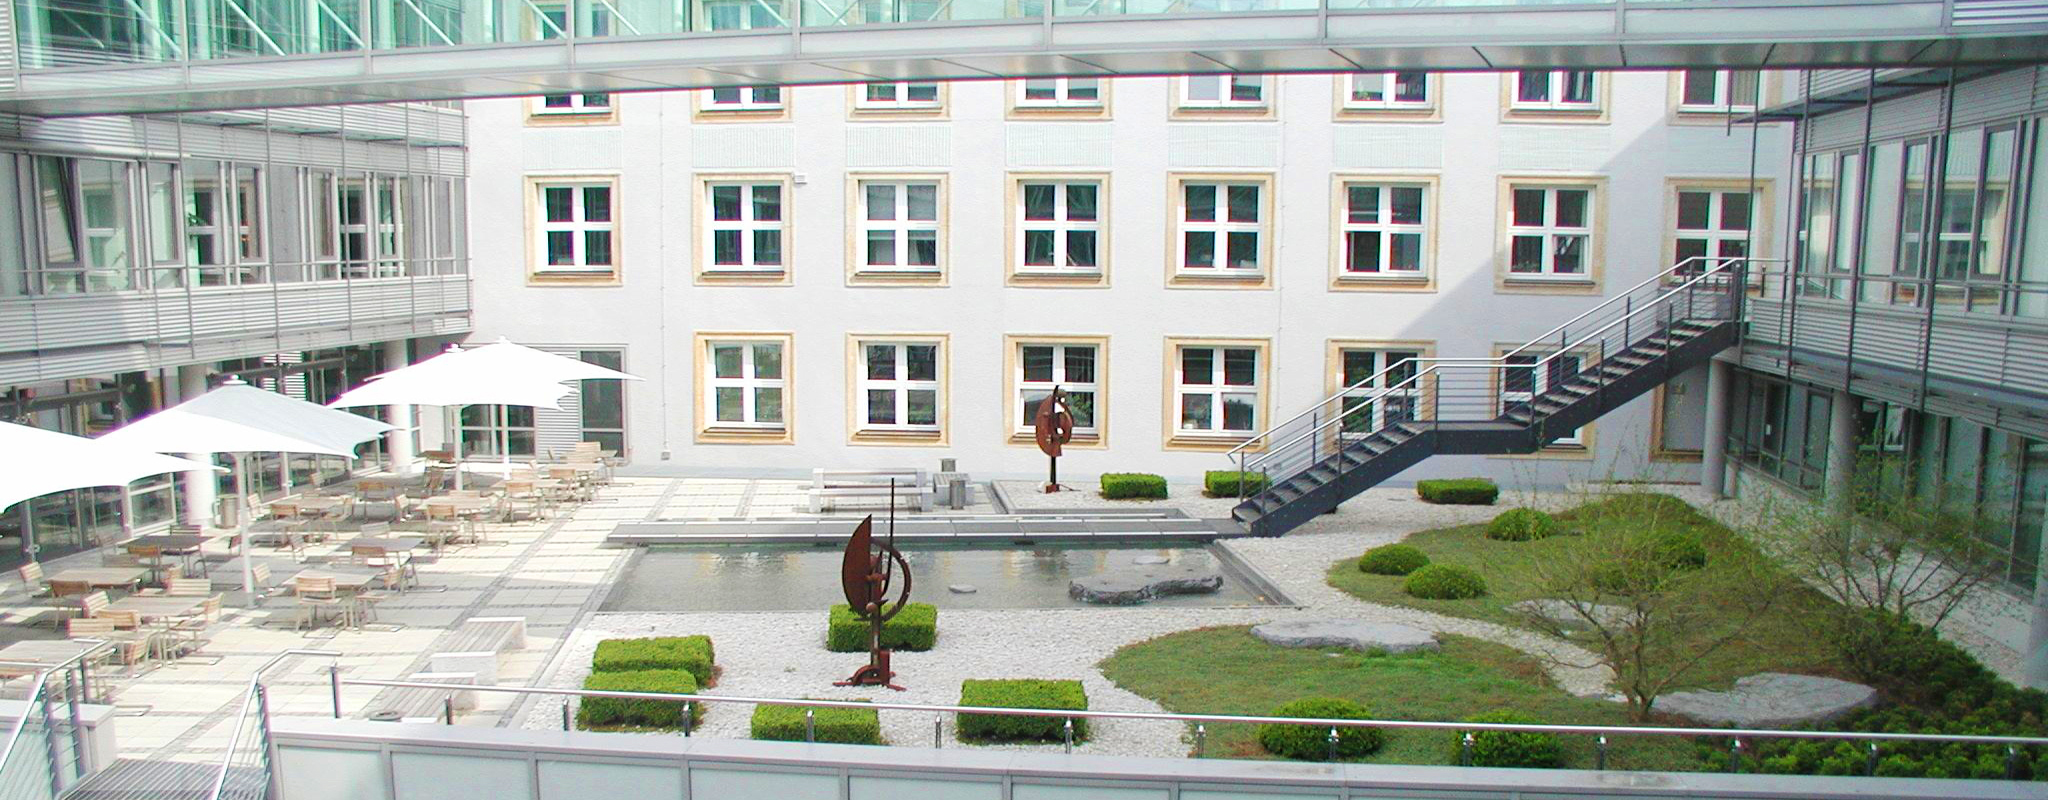 Terrasse Gestaltung Architekt